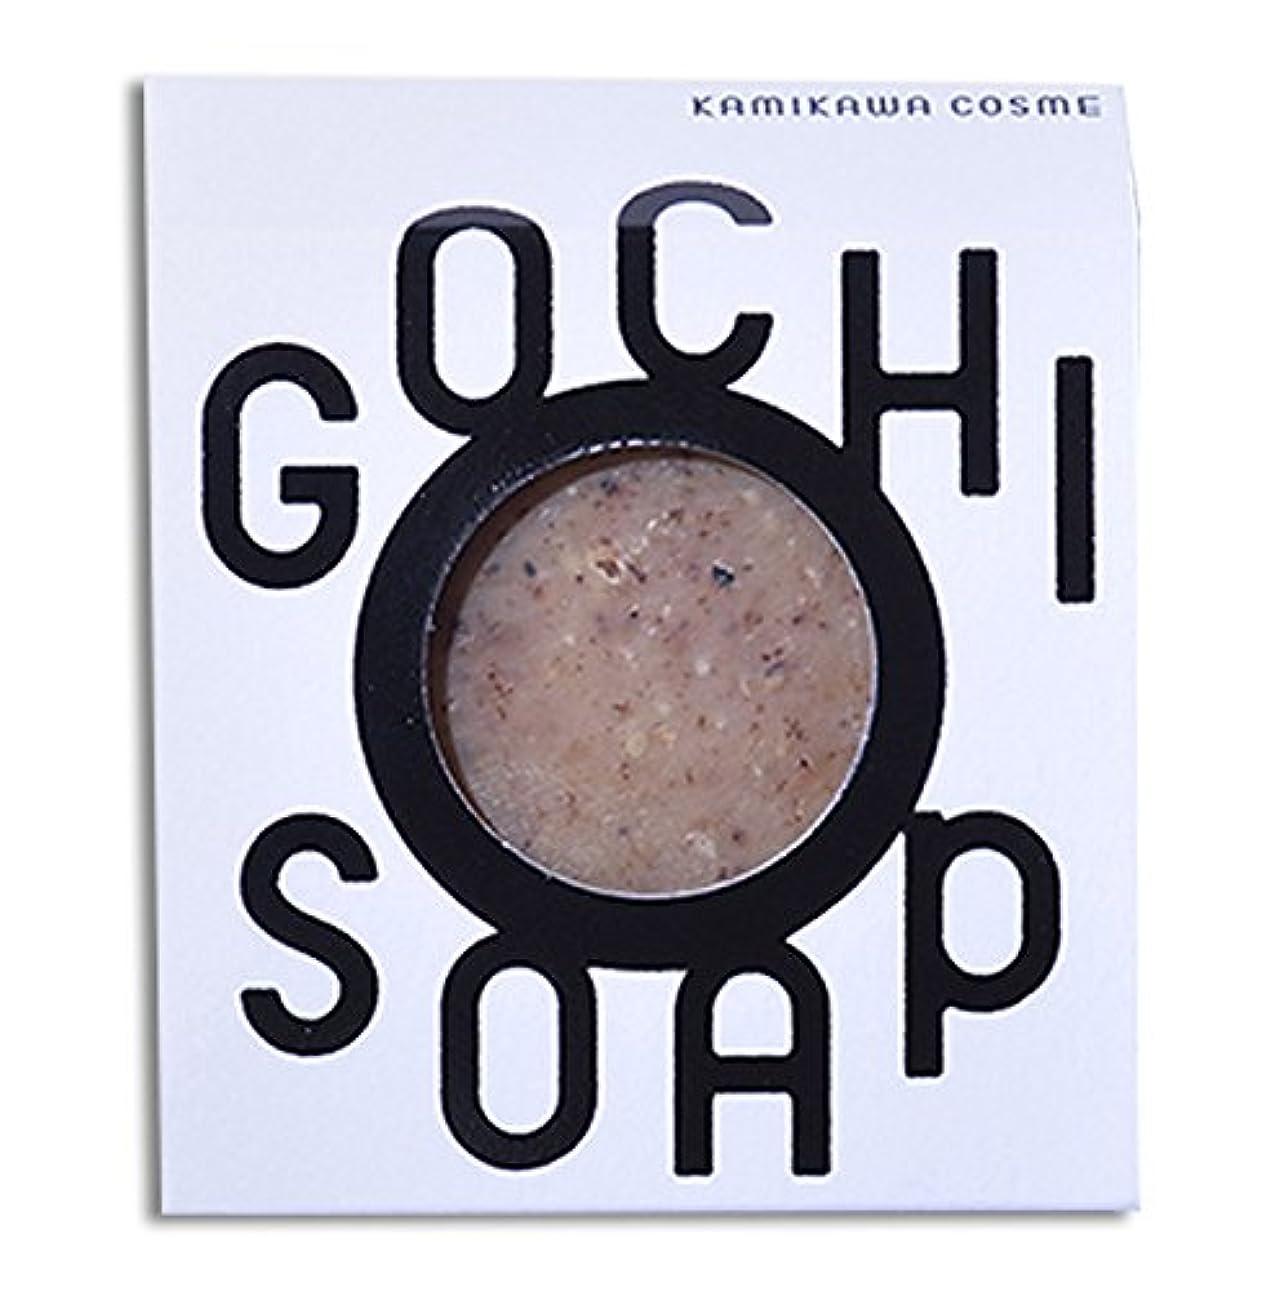 セグメントモスオープニング道北の素材を使用したコスメブランド GOCHI SOAP(上森米穀店の黒米ぬかソープ?谷口農場のトマトソープ)各1個セット